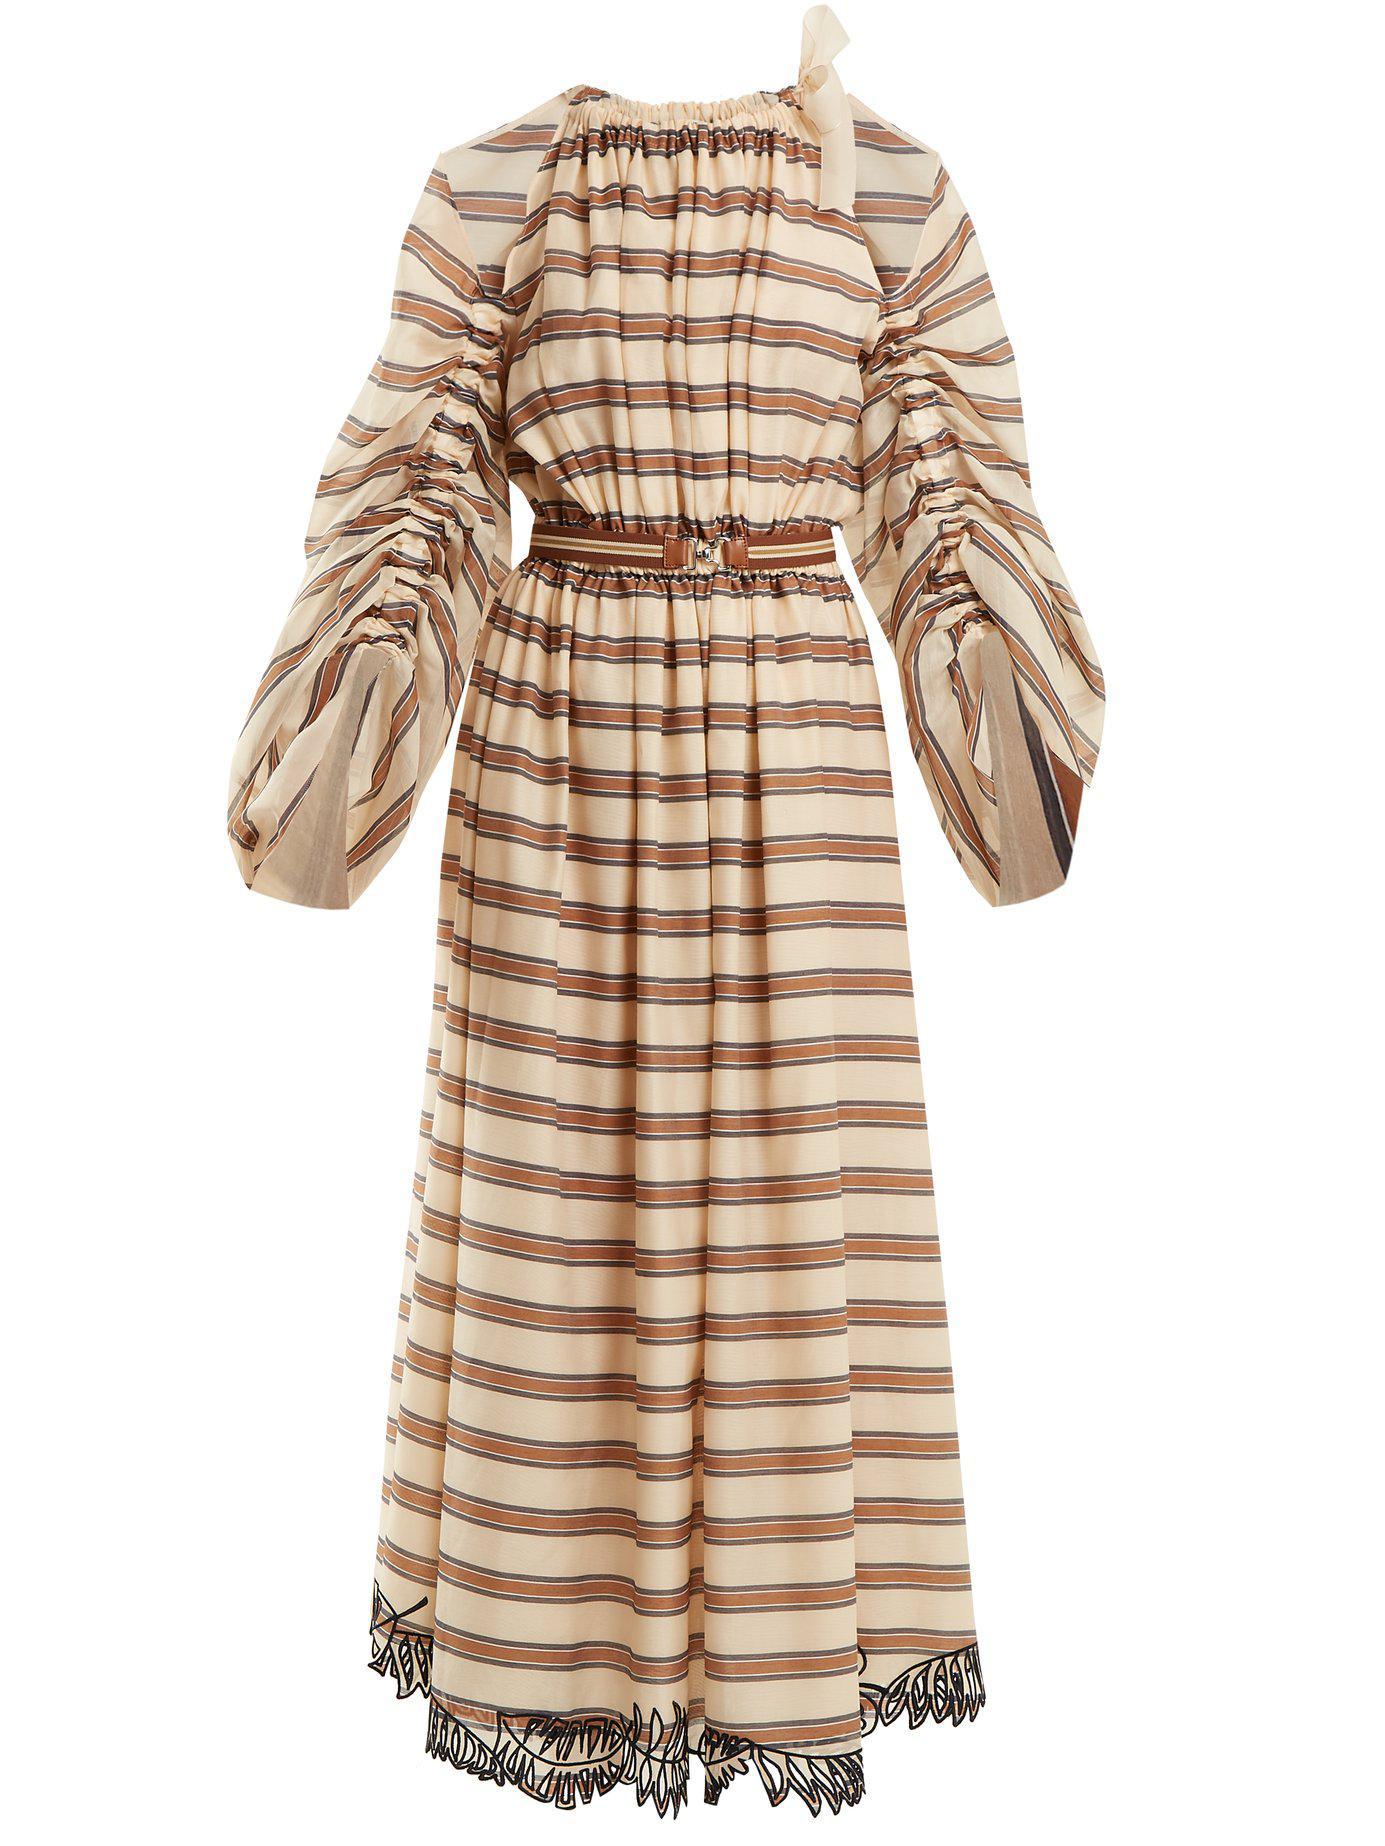 Lyst - Robe en coton mélangé rayée Fendi en coloris Neutre 9a2a0174bde